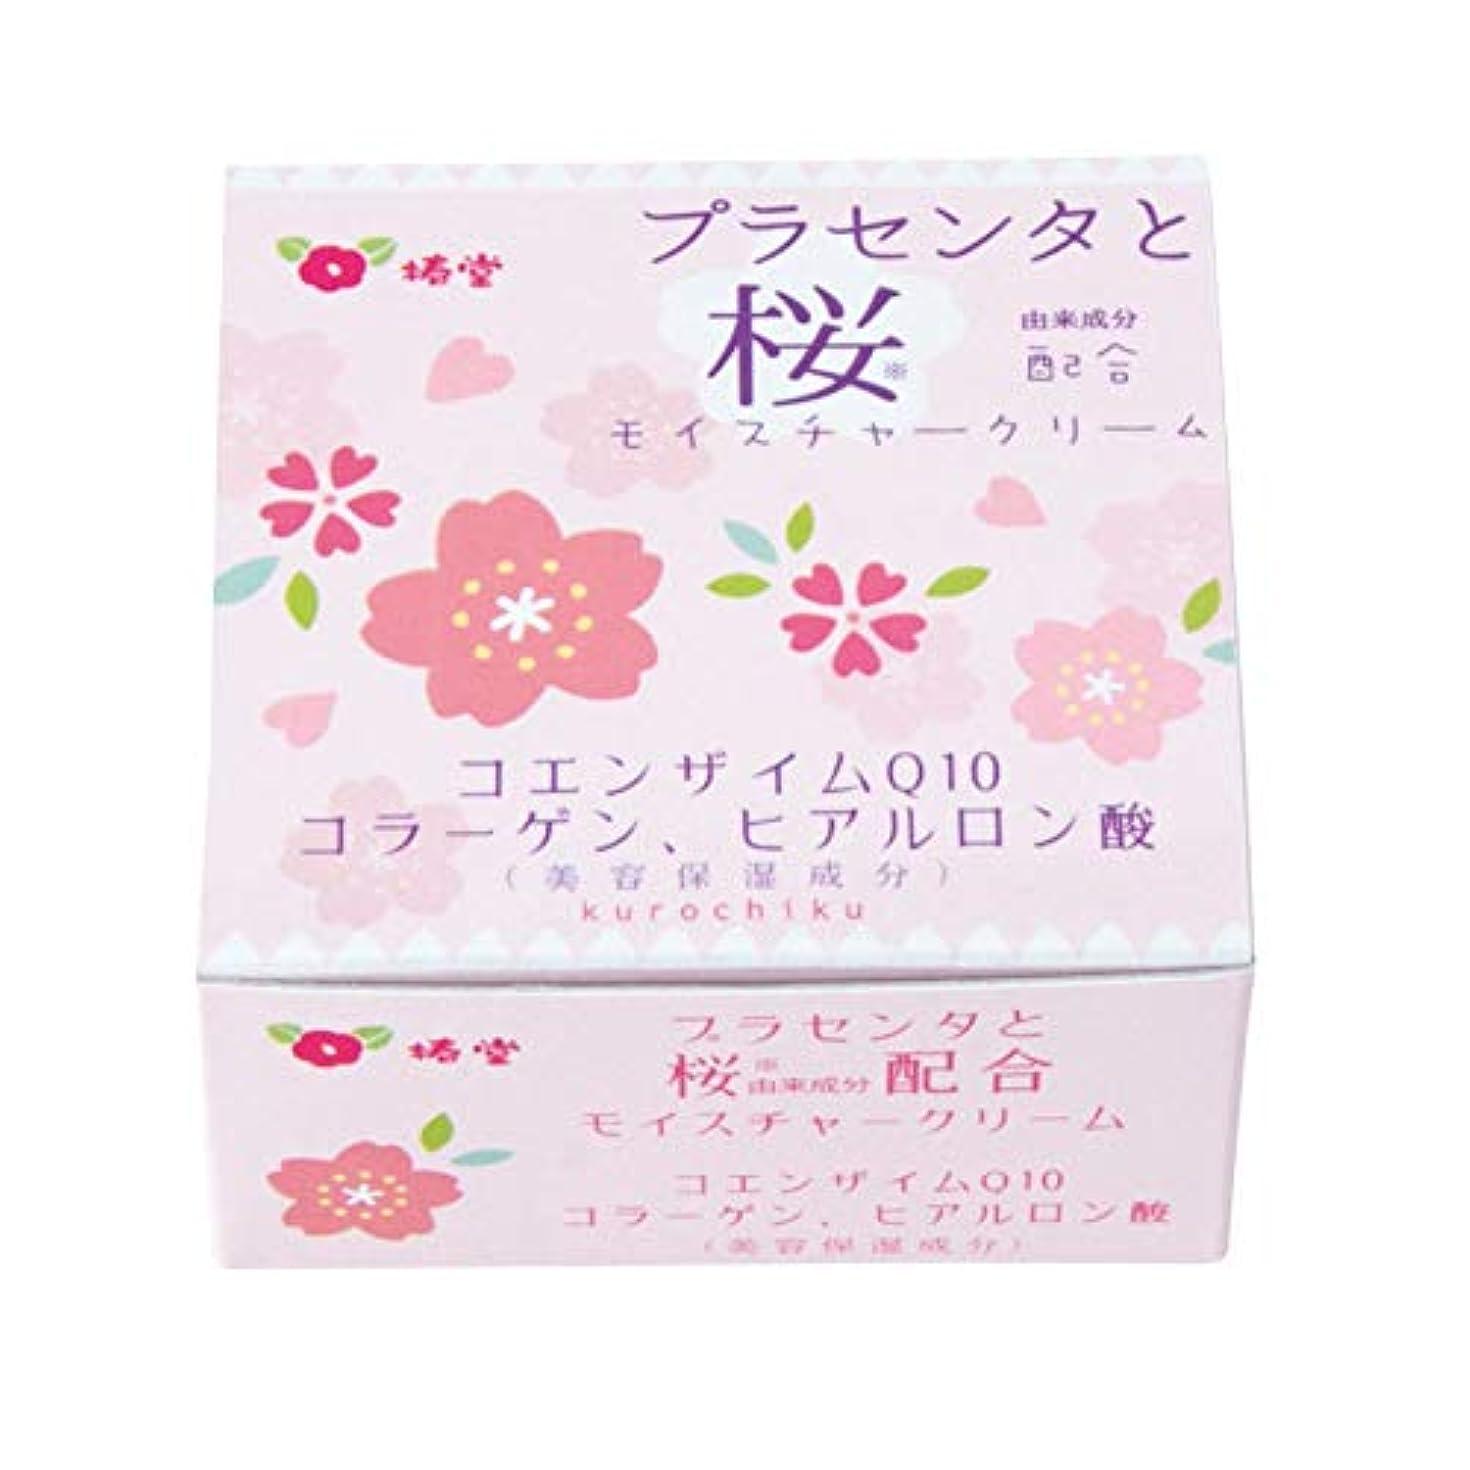 家禽市の花懇願する椿堂 桜モイスチャークリーム (プラセンタと桜) 京都くろちく